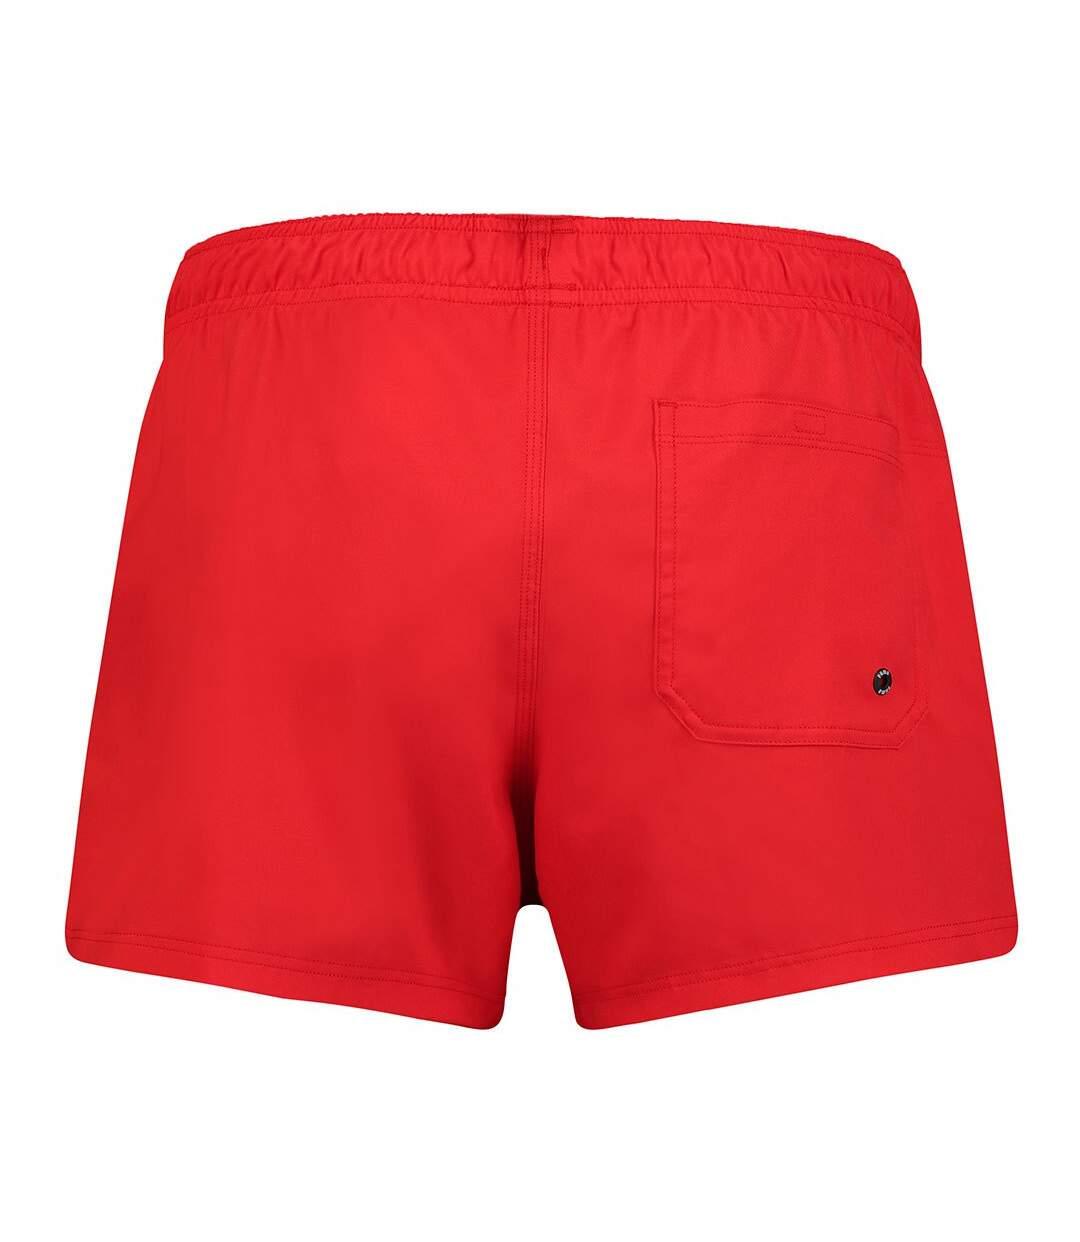 Puma Mens Swim Shorts (Red) - UTRD605